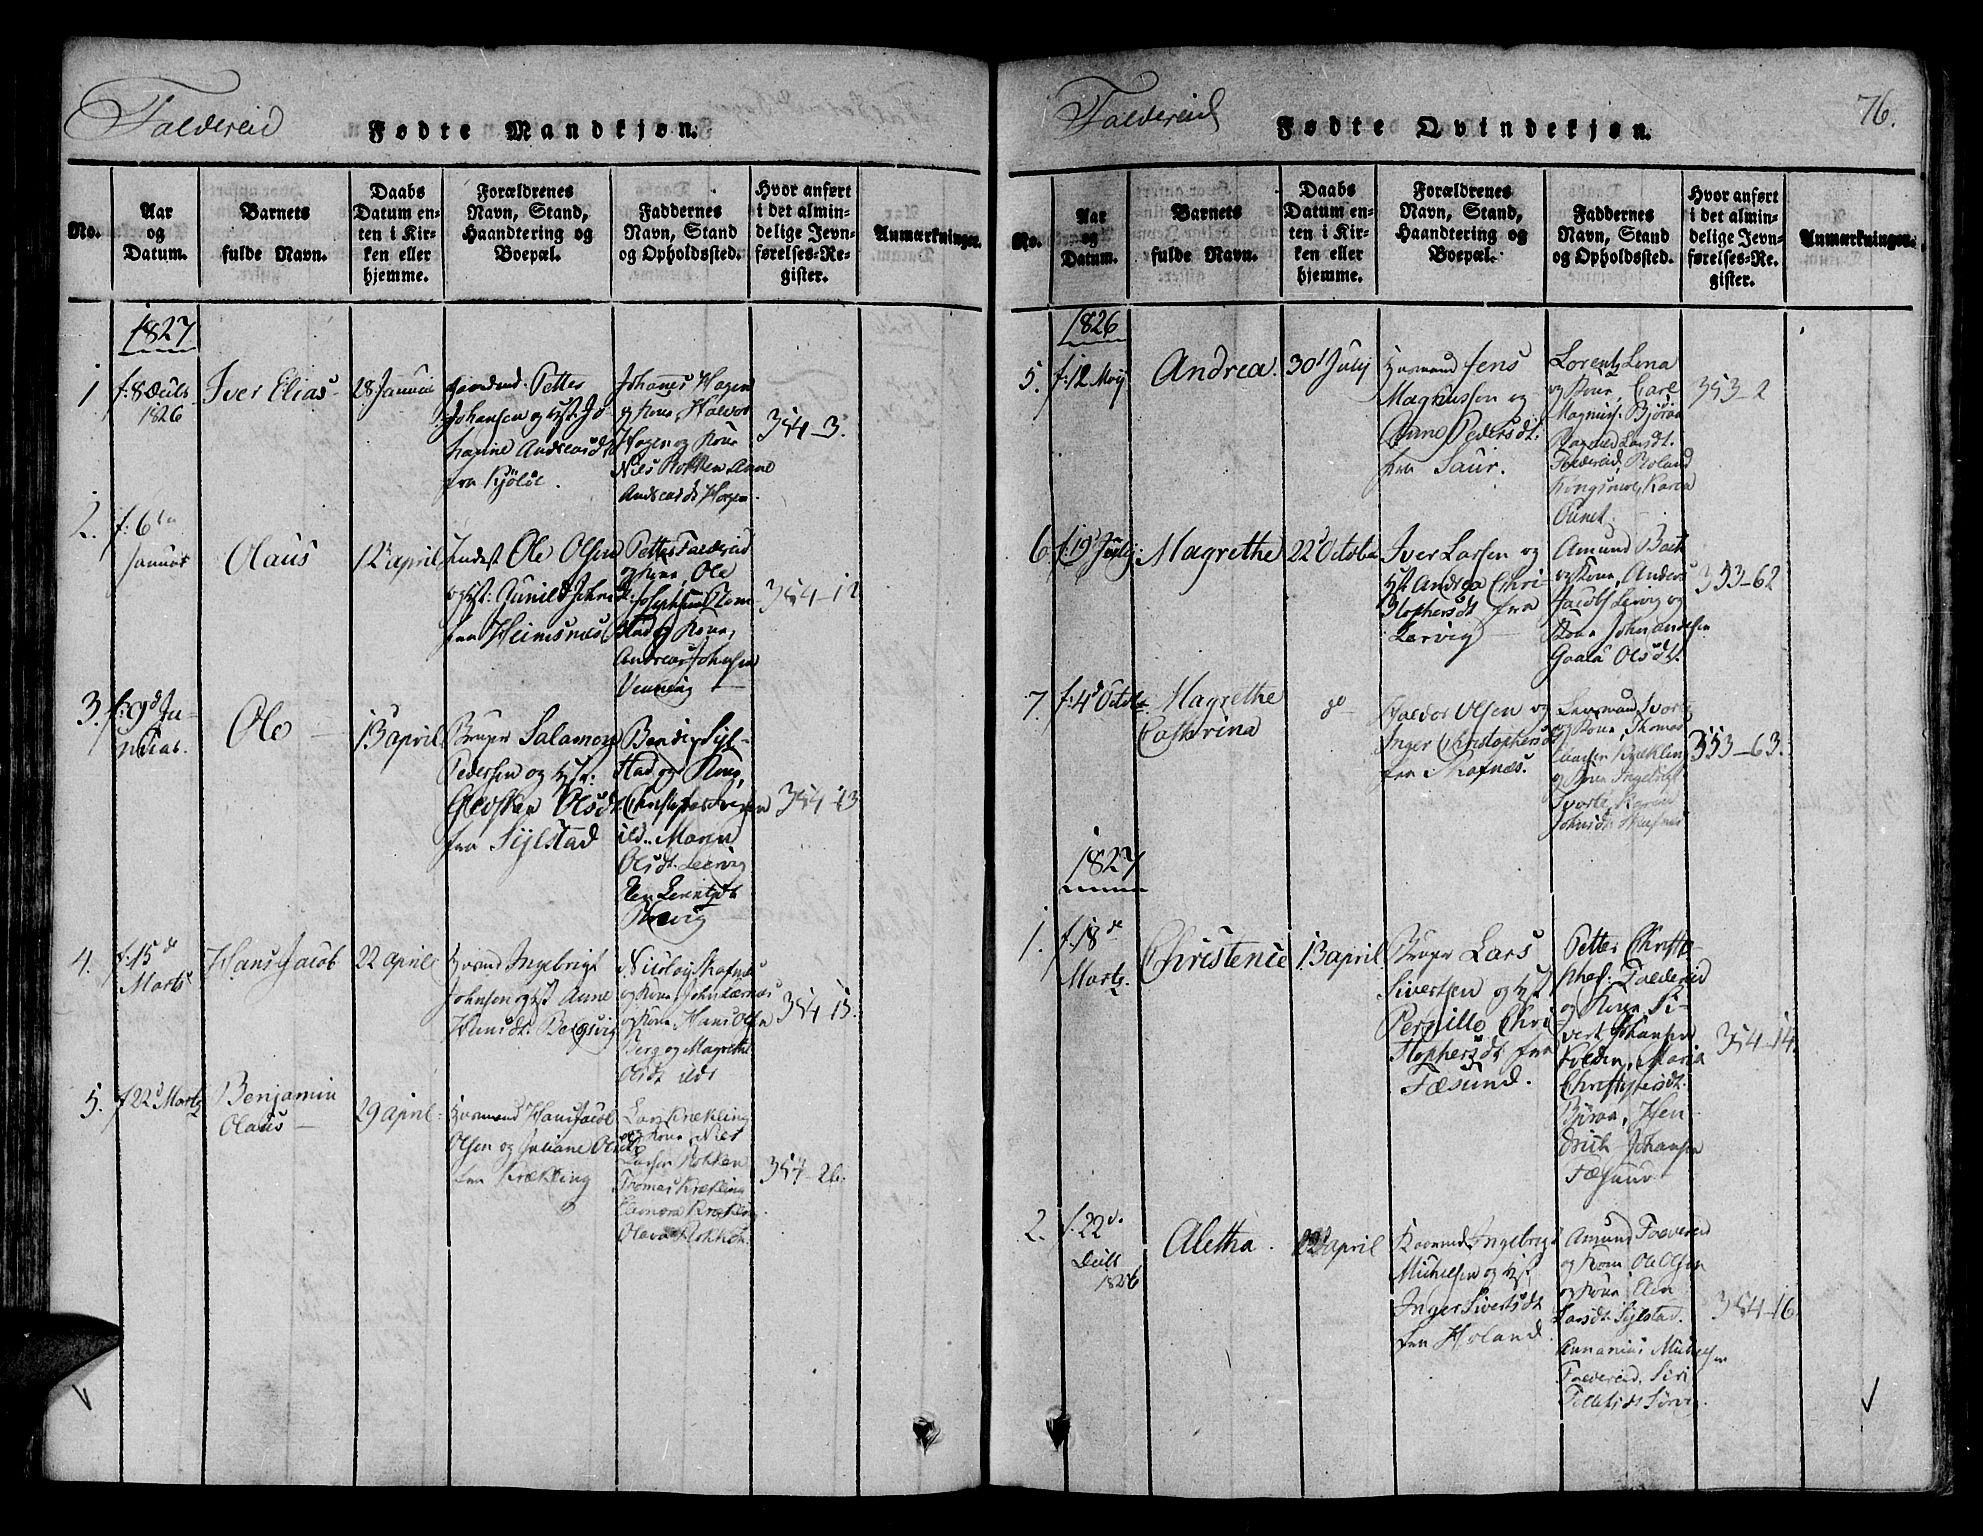 SAT, Ministerialprotokoller, klokkerbøker og fødselsregistre - Nord-Trøndelag, 780/L0636: Ministerialbok nr. 780A03 /3, 1815-1829, s. 76